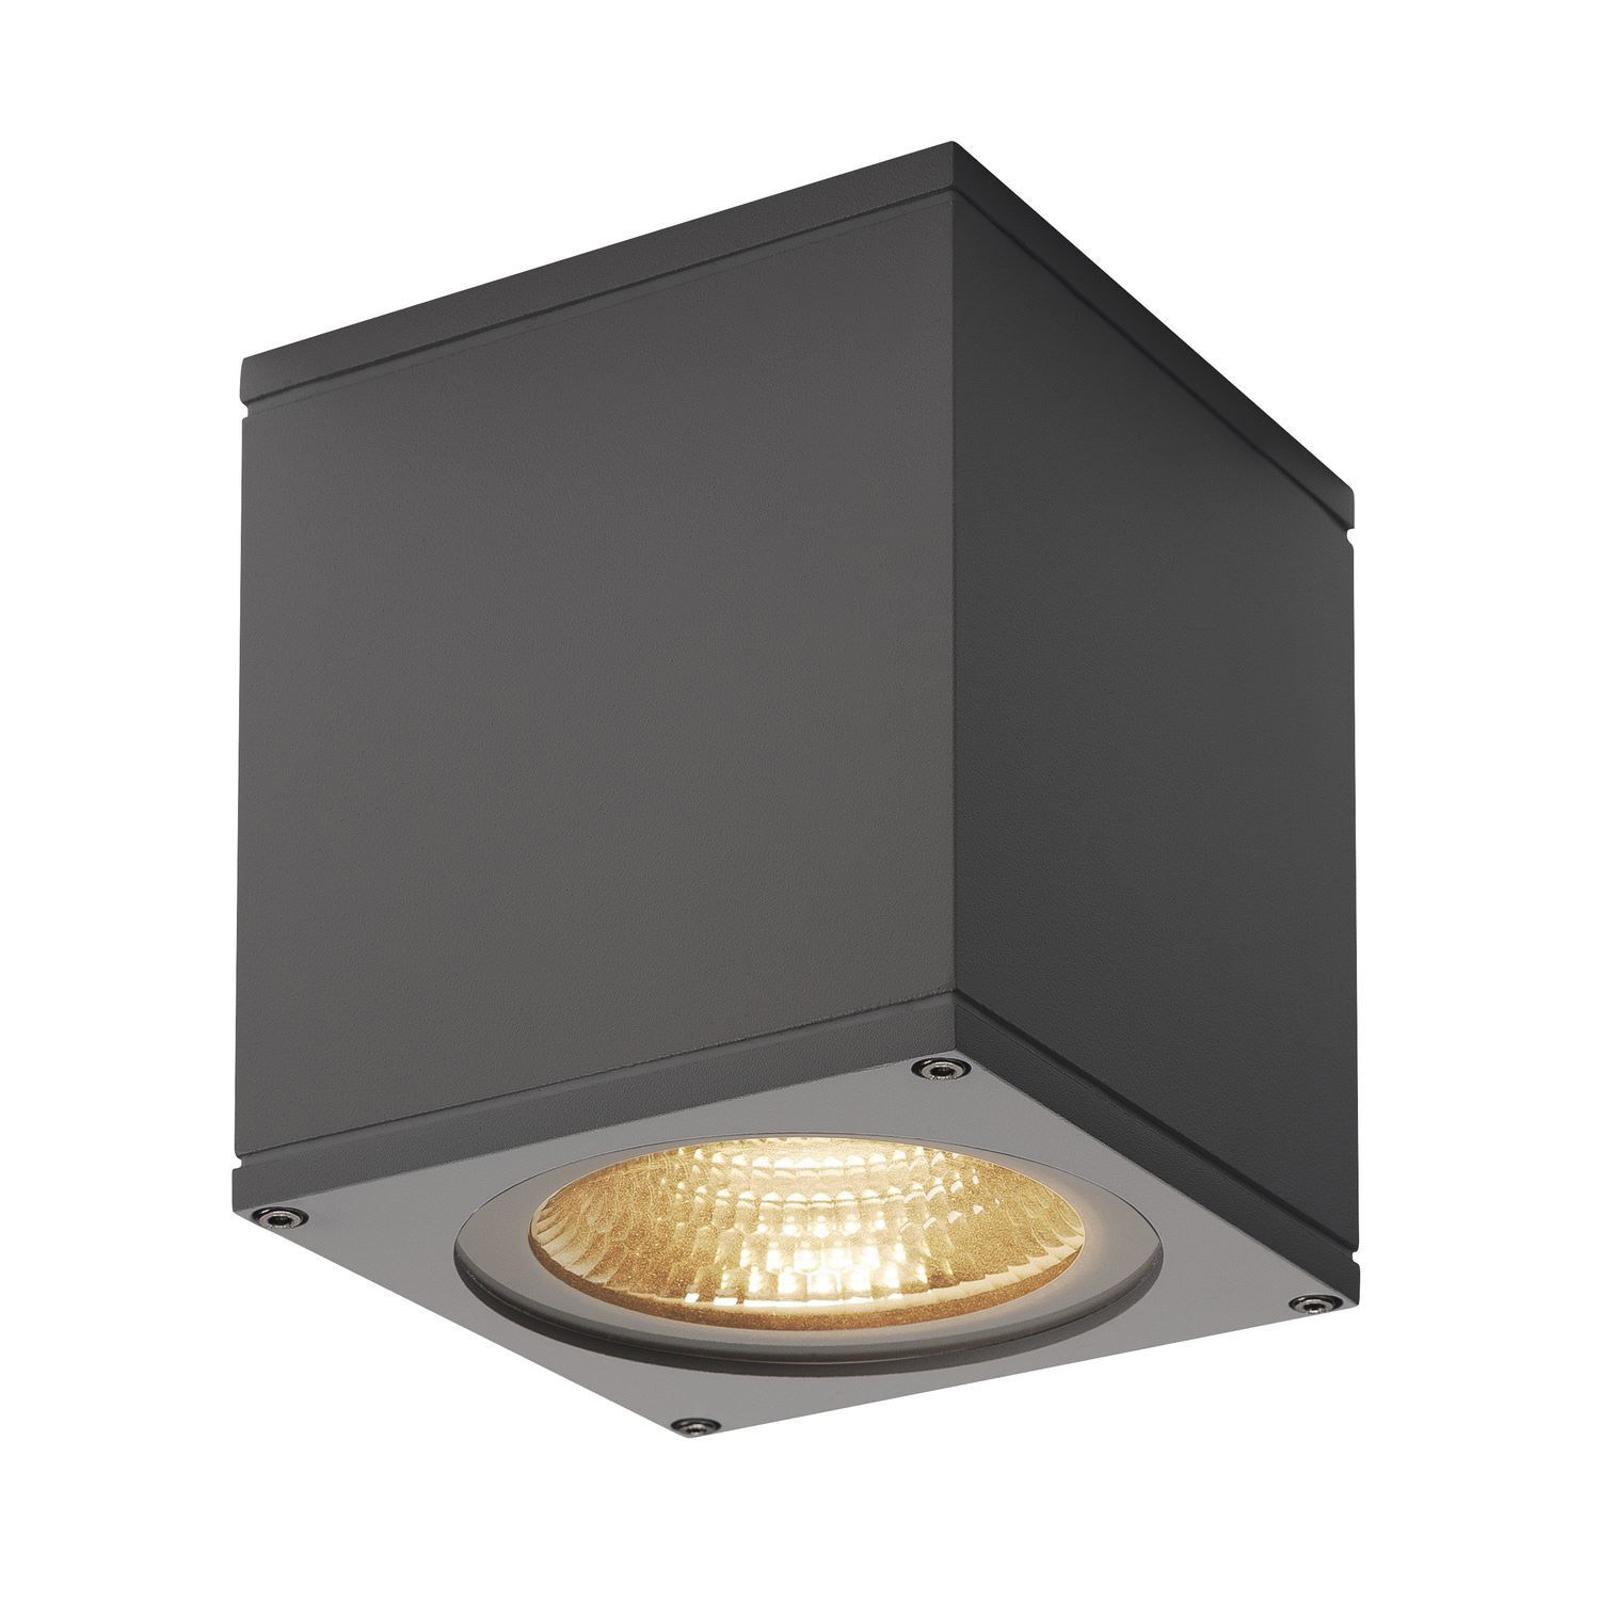 SLV Big Theo LED-Außendeckenlampe, anthrazit